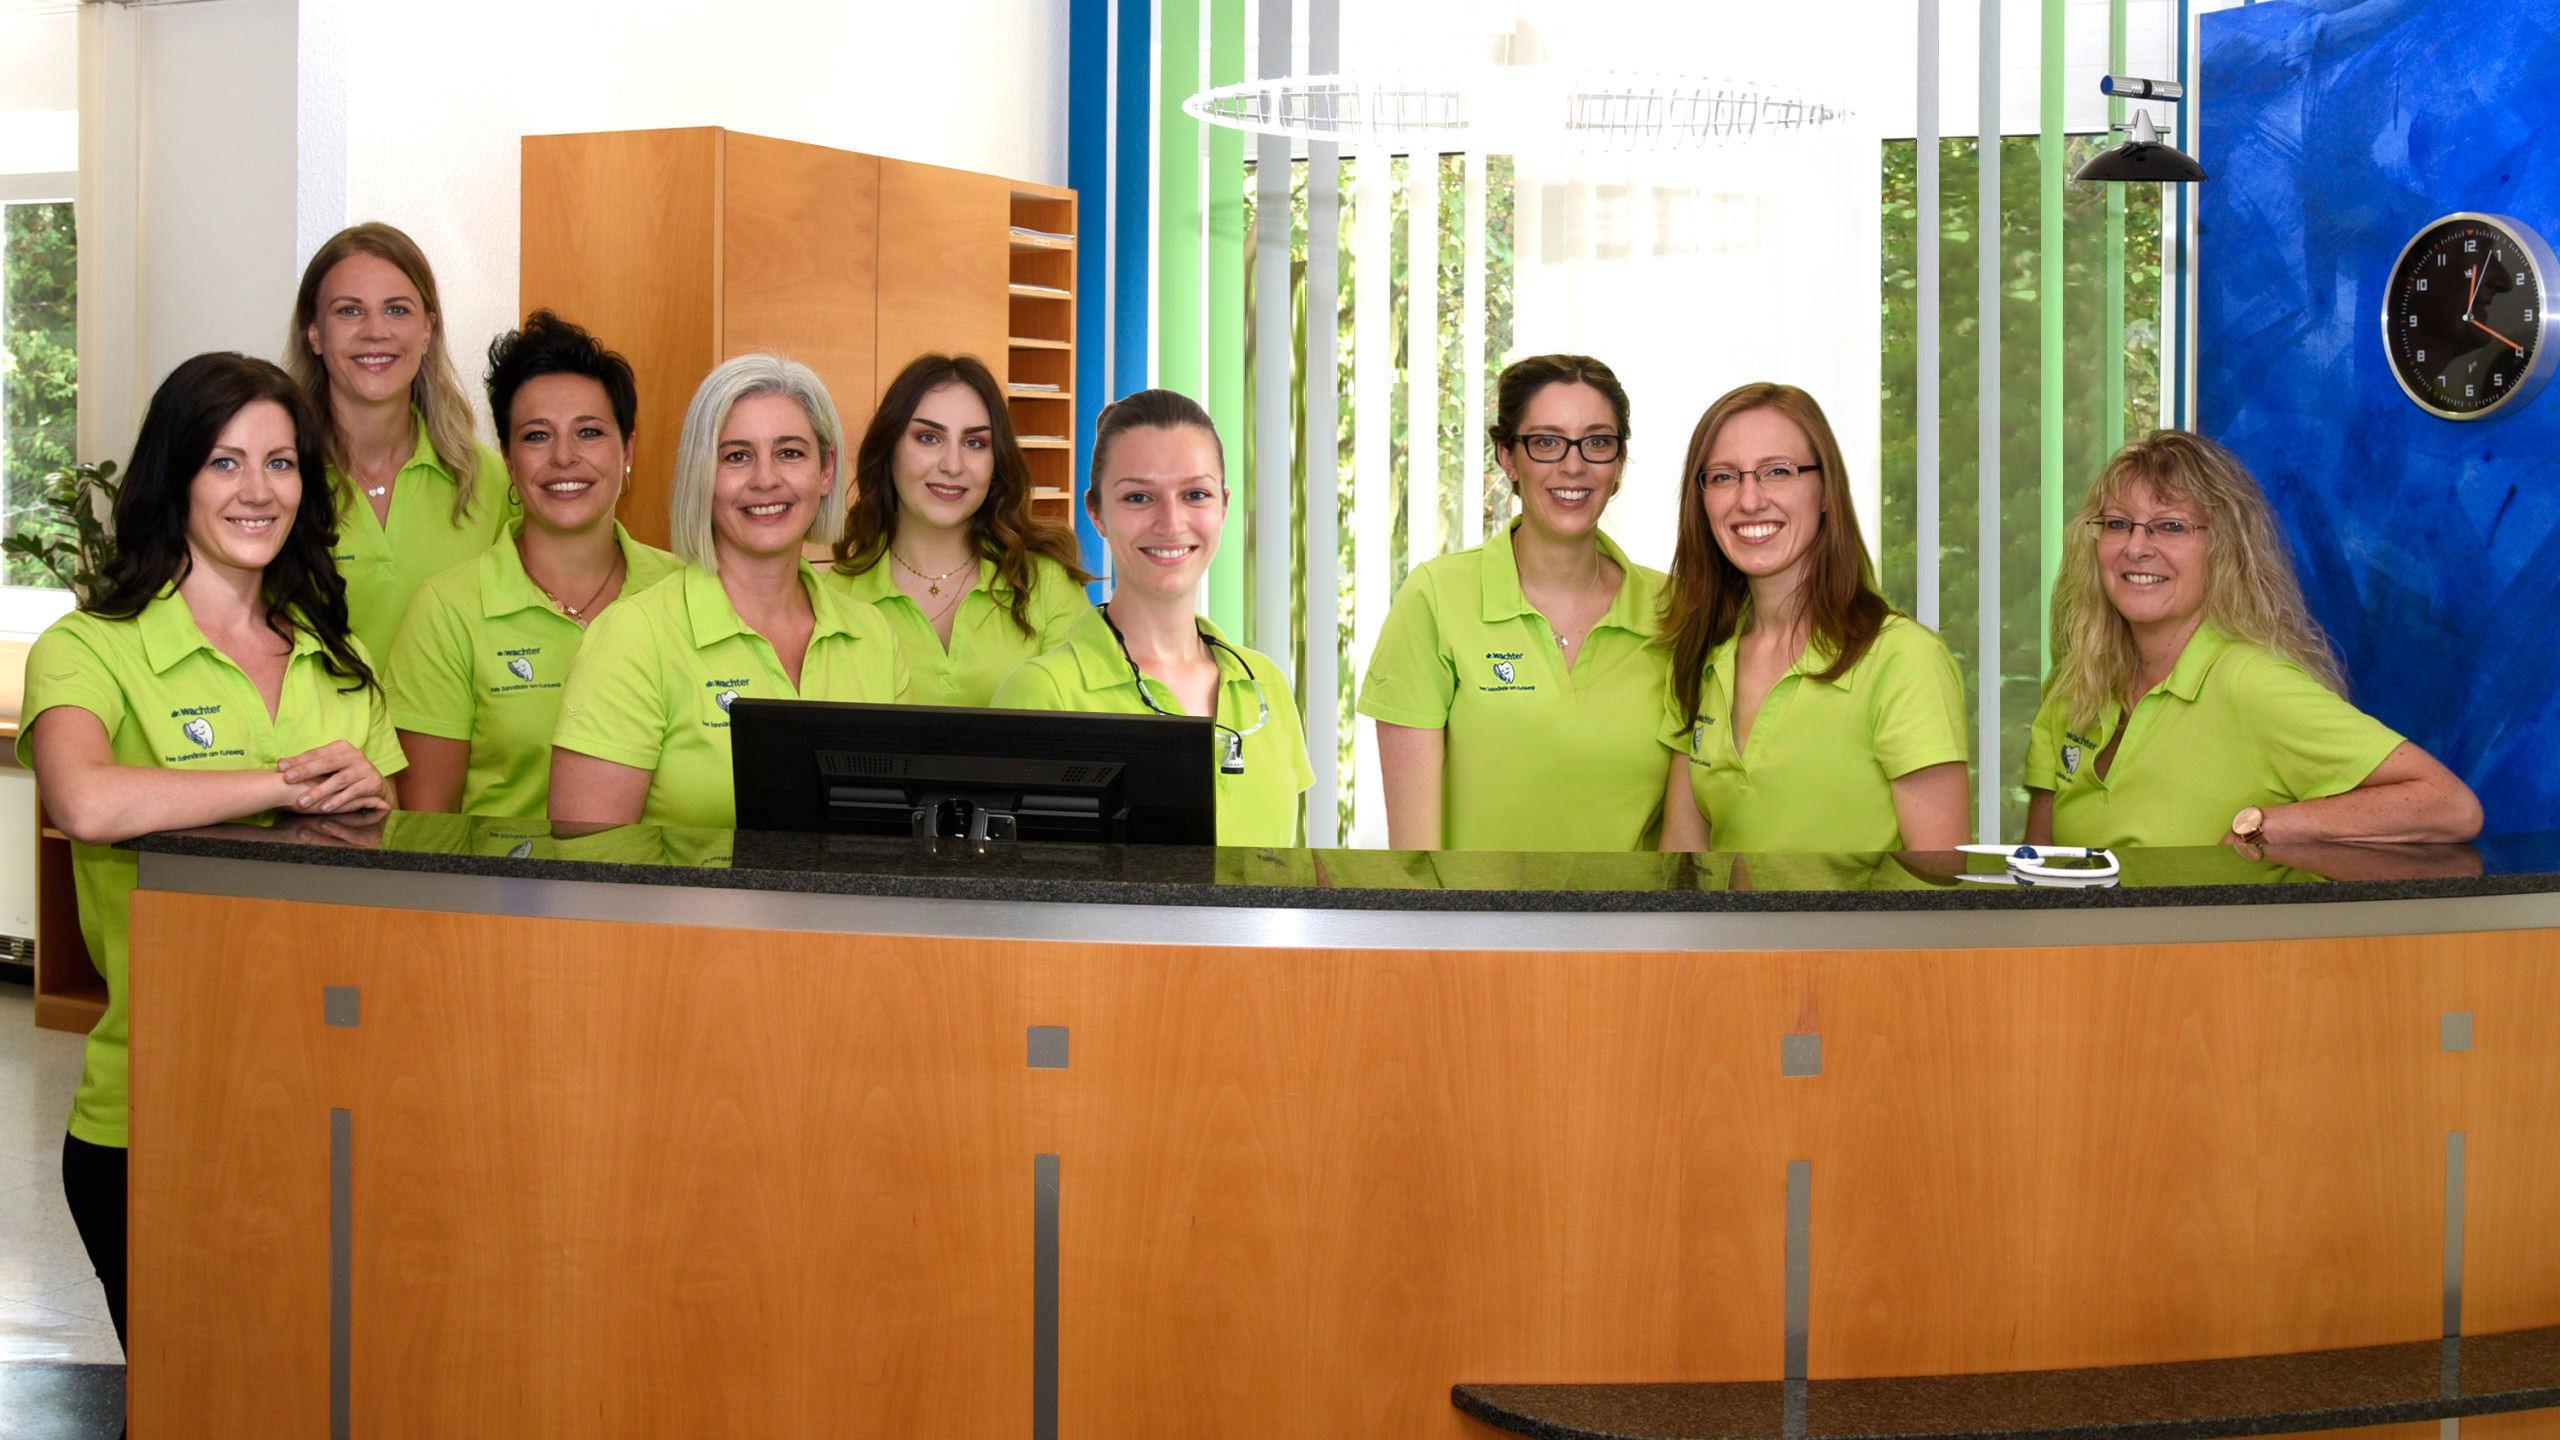 Zahnarzt Ulm - Dr. Wachter - Sanfte Zahnheilkunde - Team